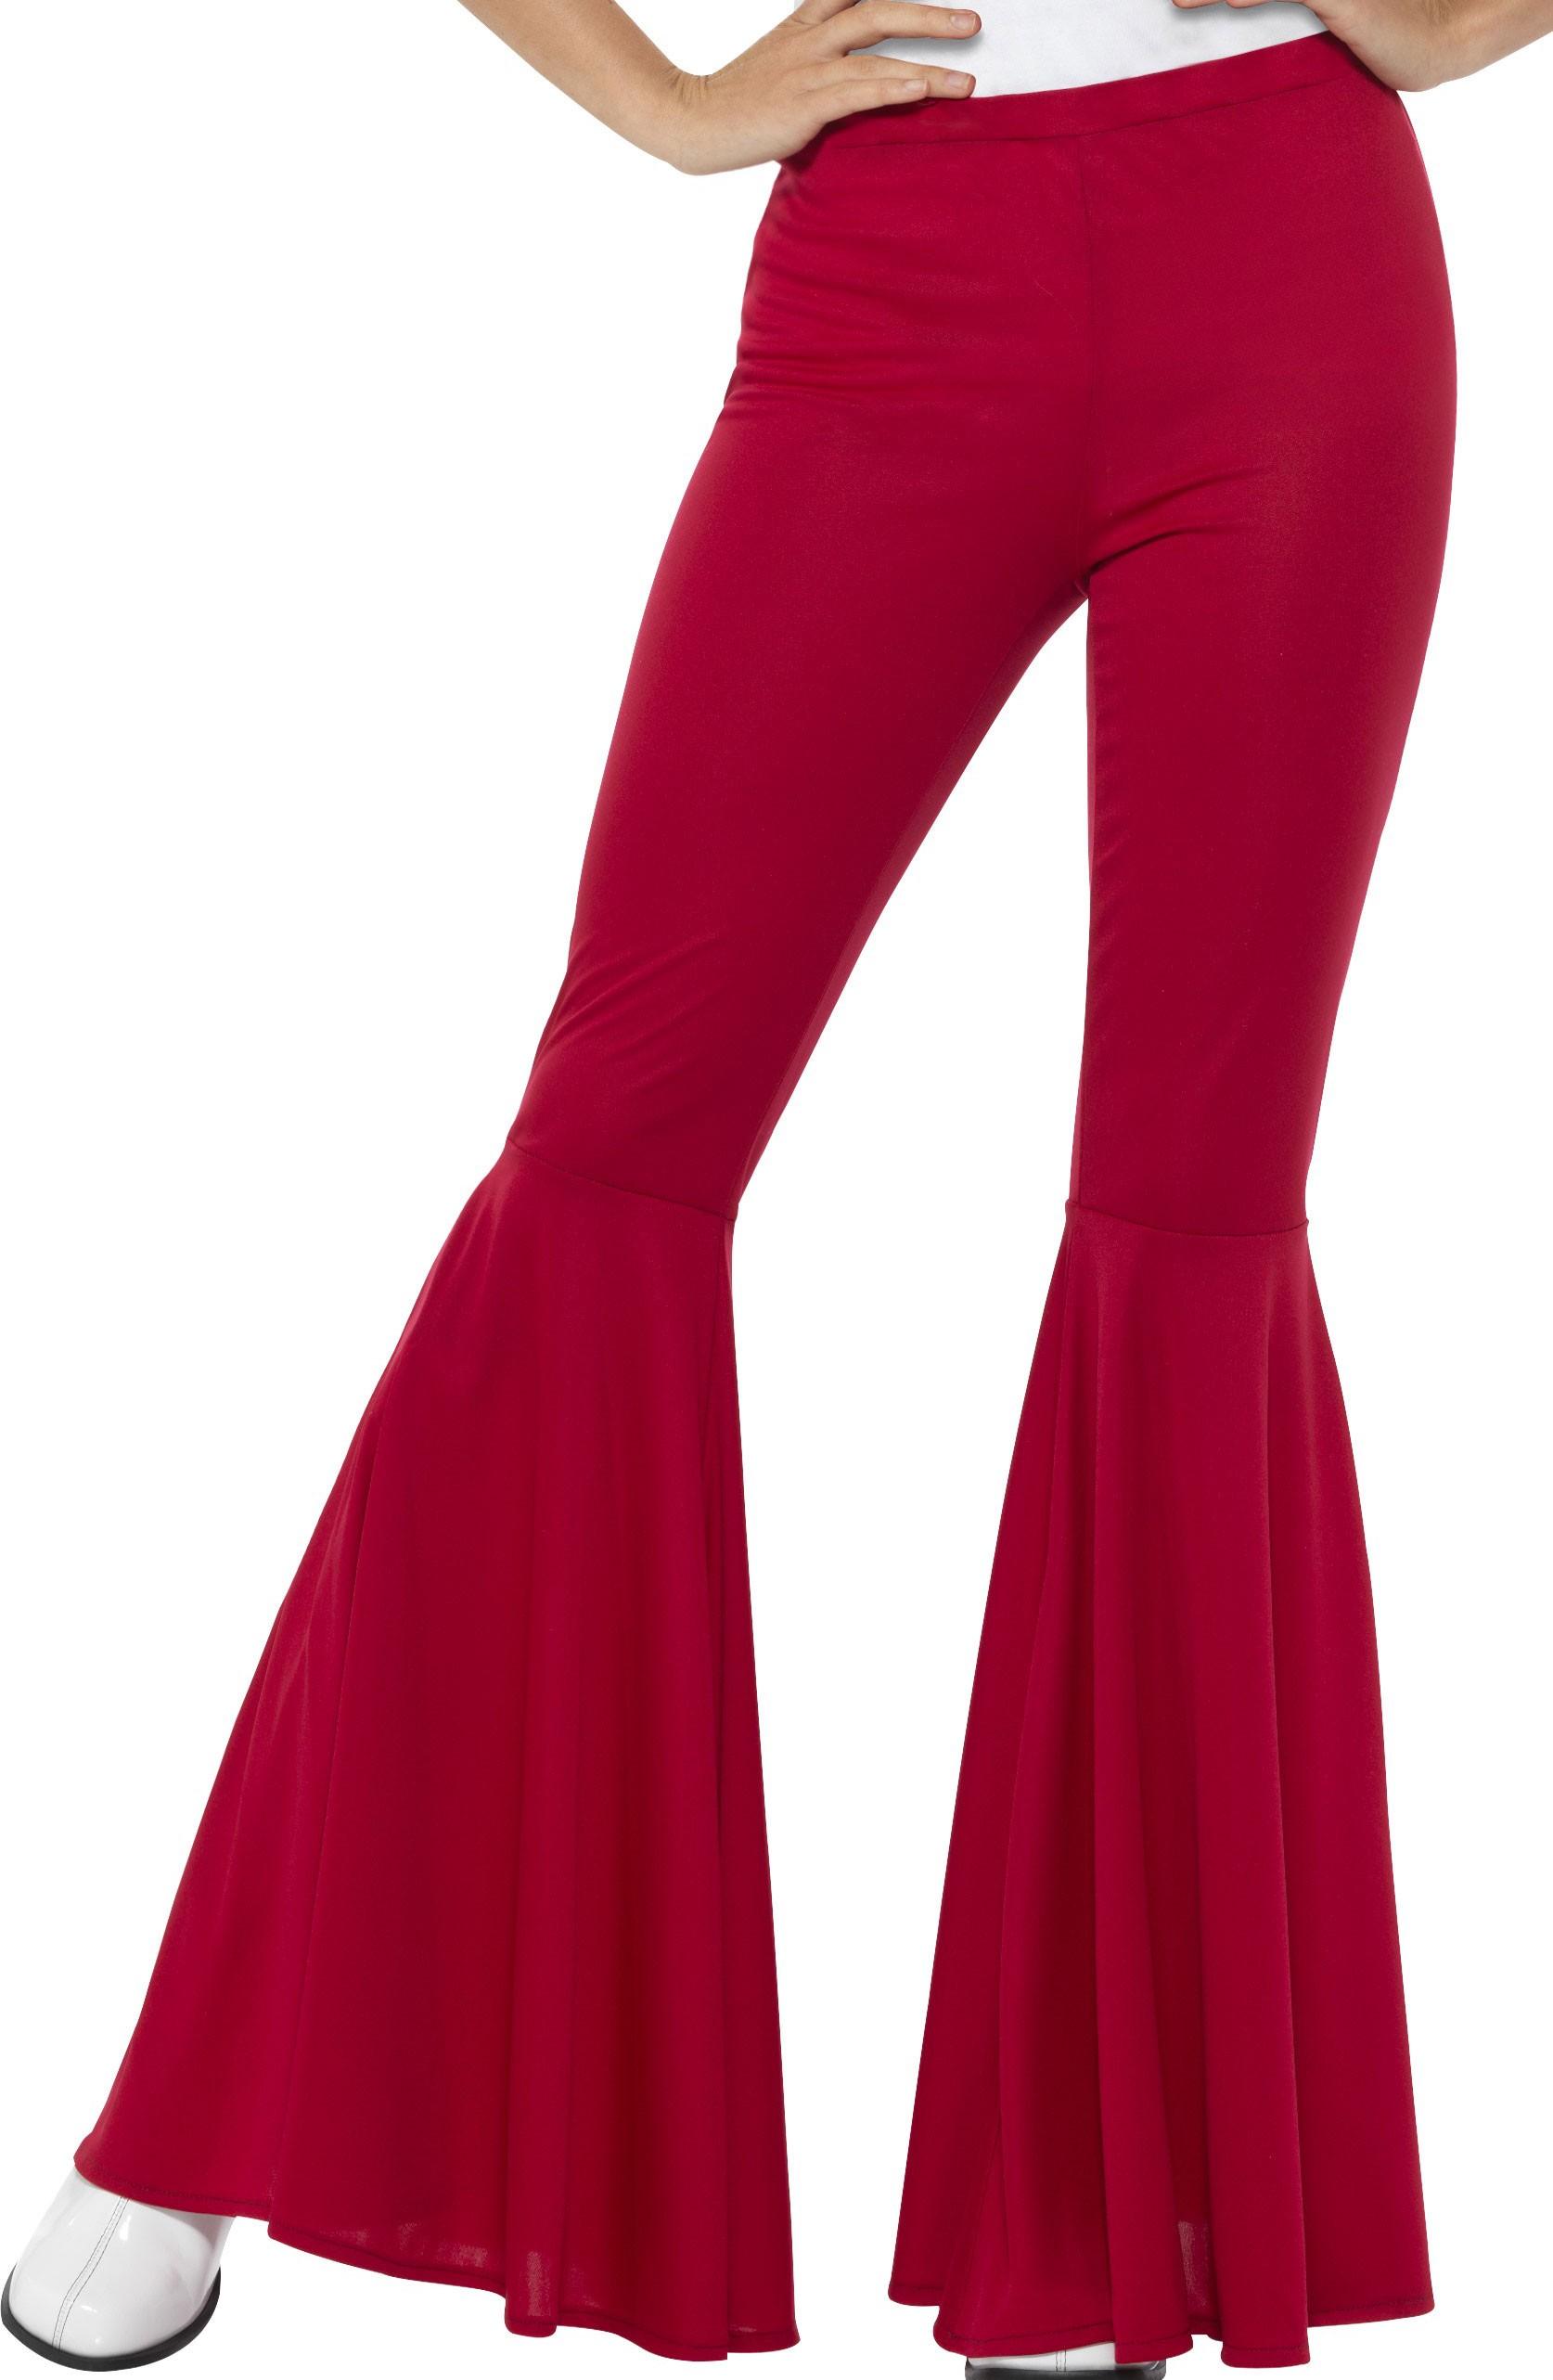 Suche nach Beamten Einzelhandelspreise schönen Glanz Damen 70er Jahre Schlaghose Rot